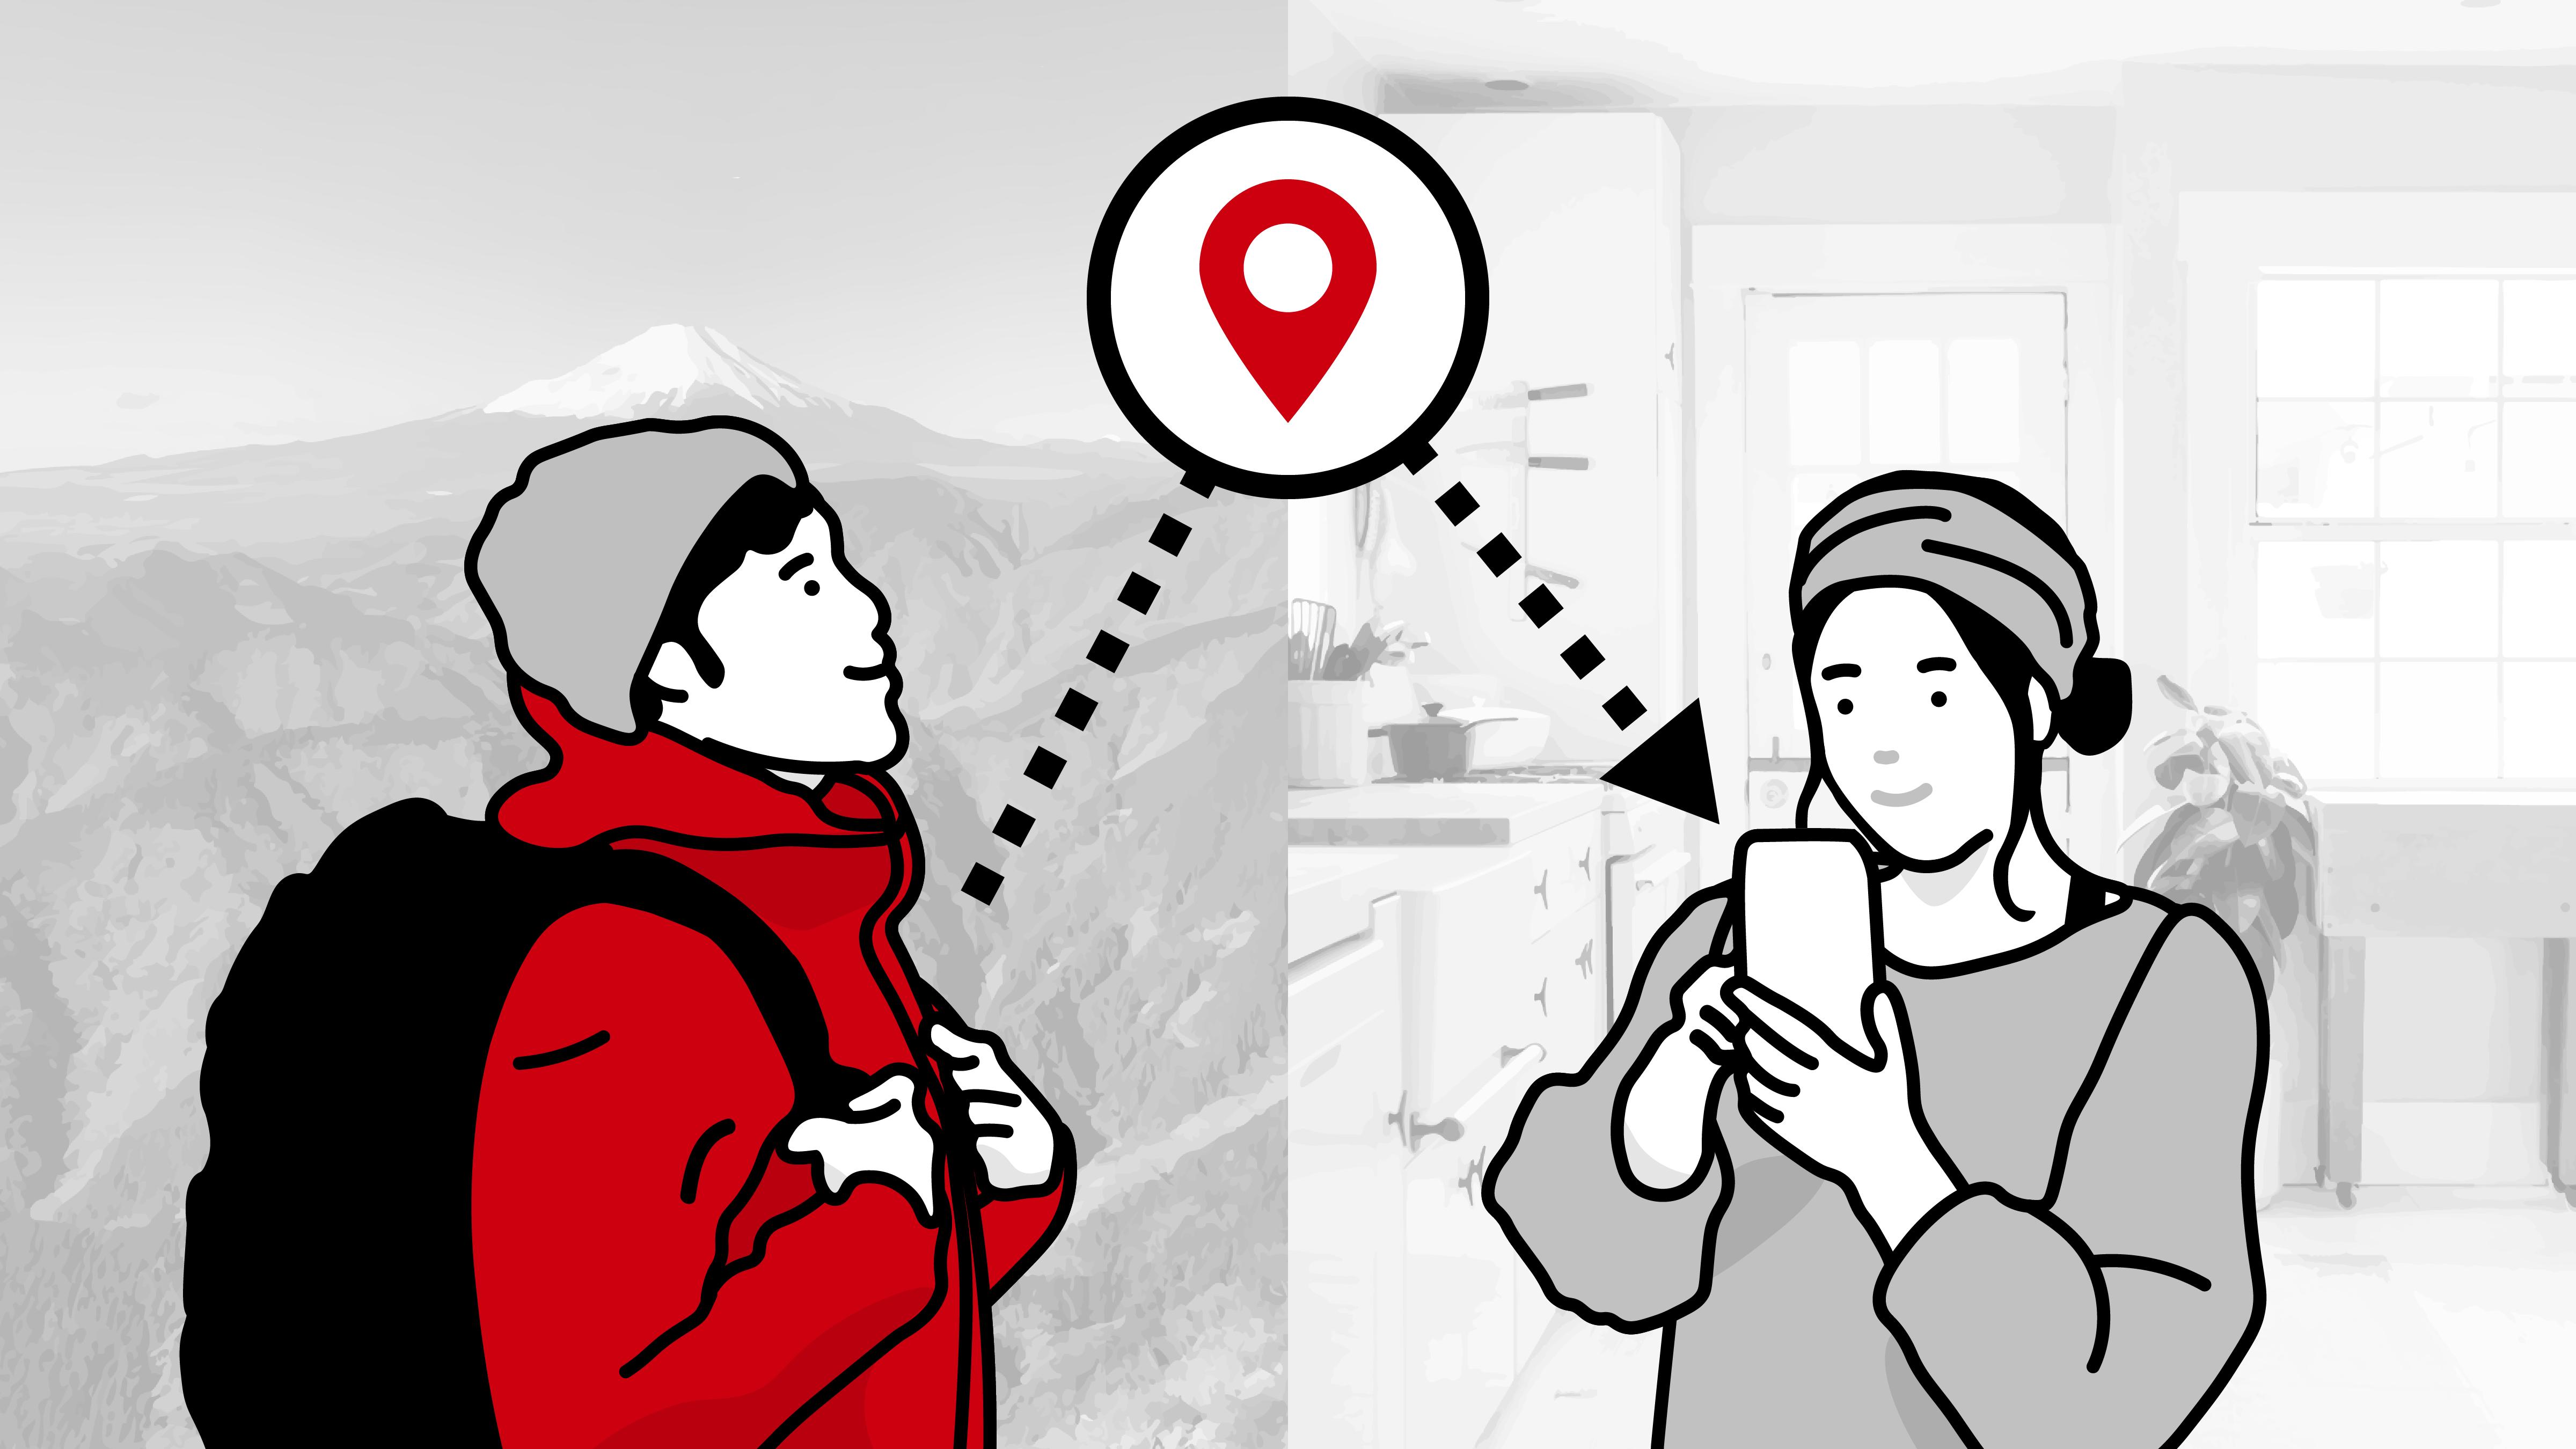 登山アプリ『YAMAP』、電波の届かない場所でもGPS位置情報を家族や友人などに随時通知する新機能をリリース